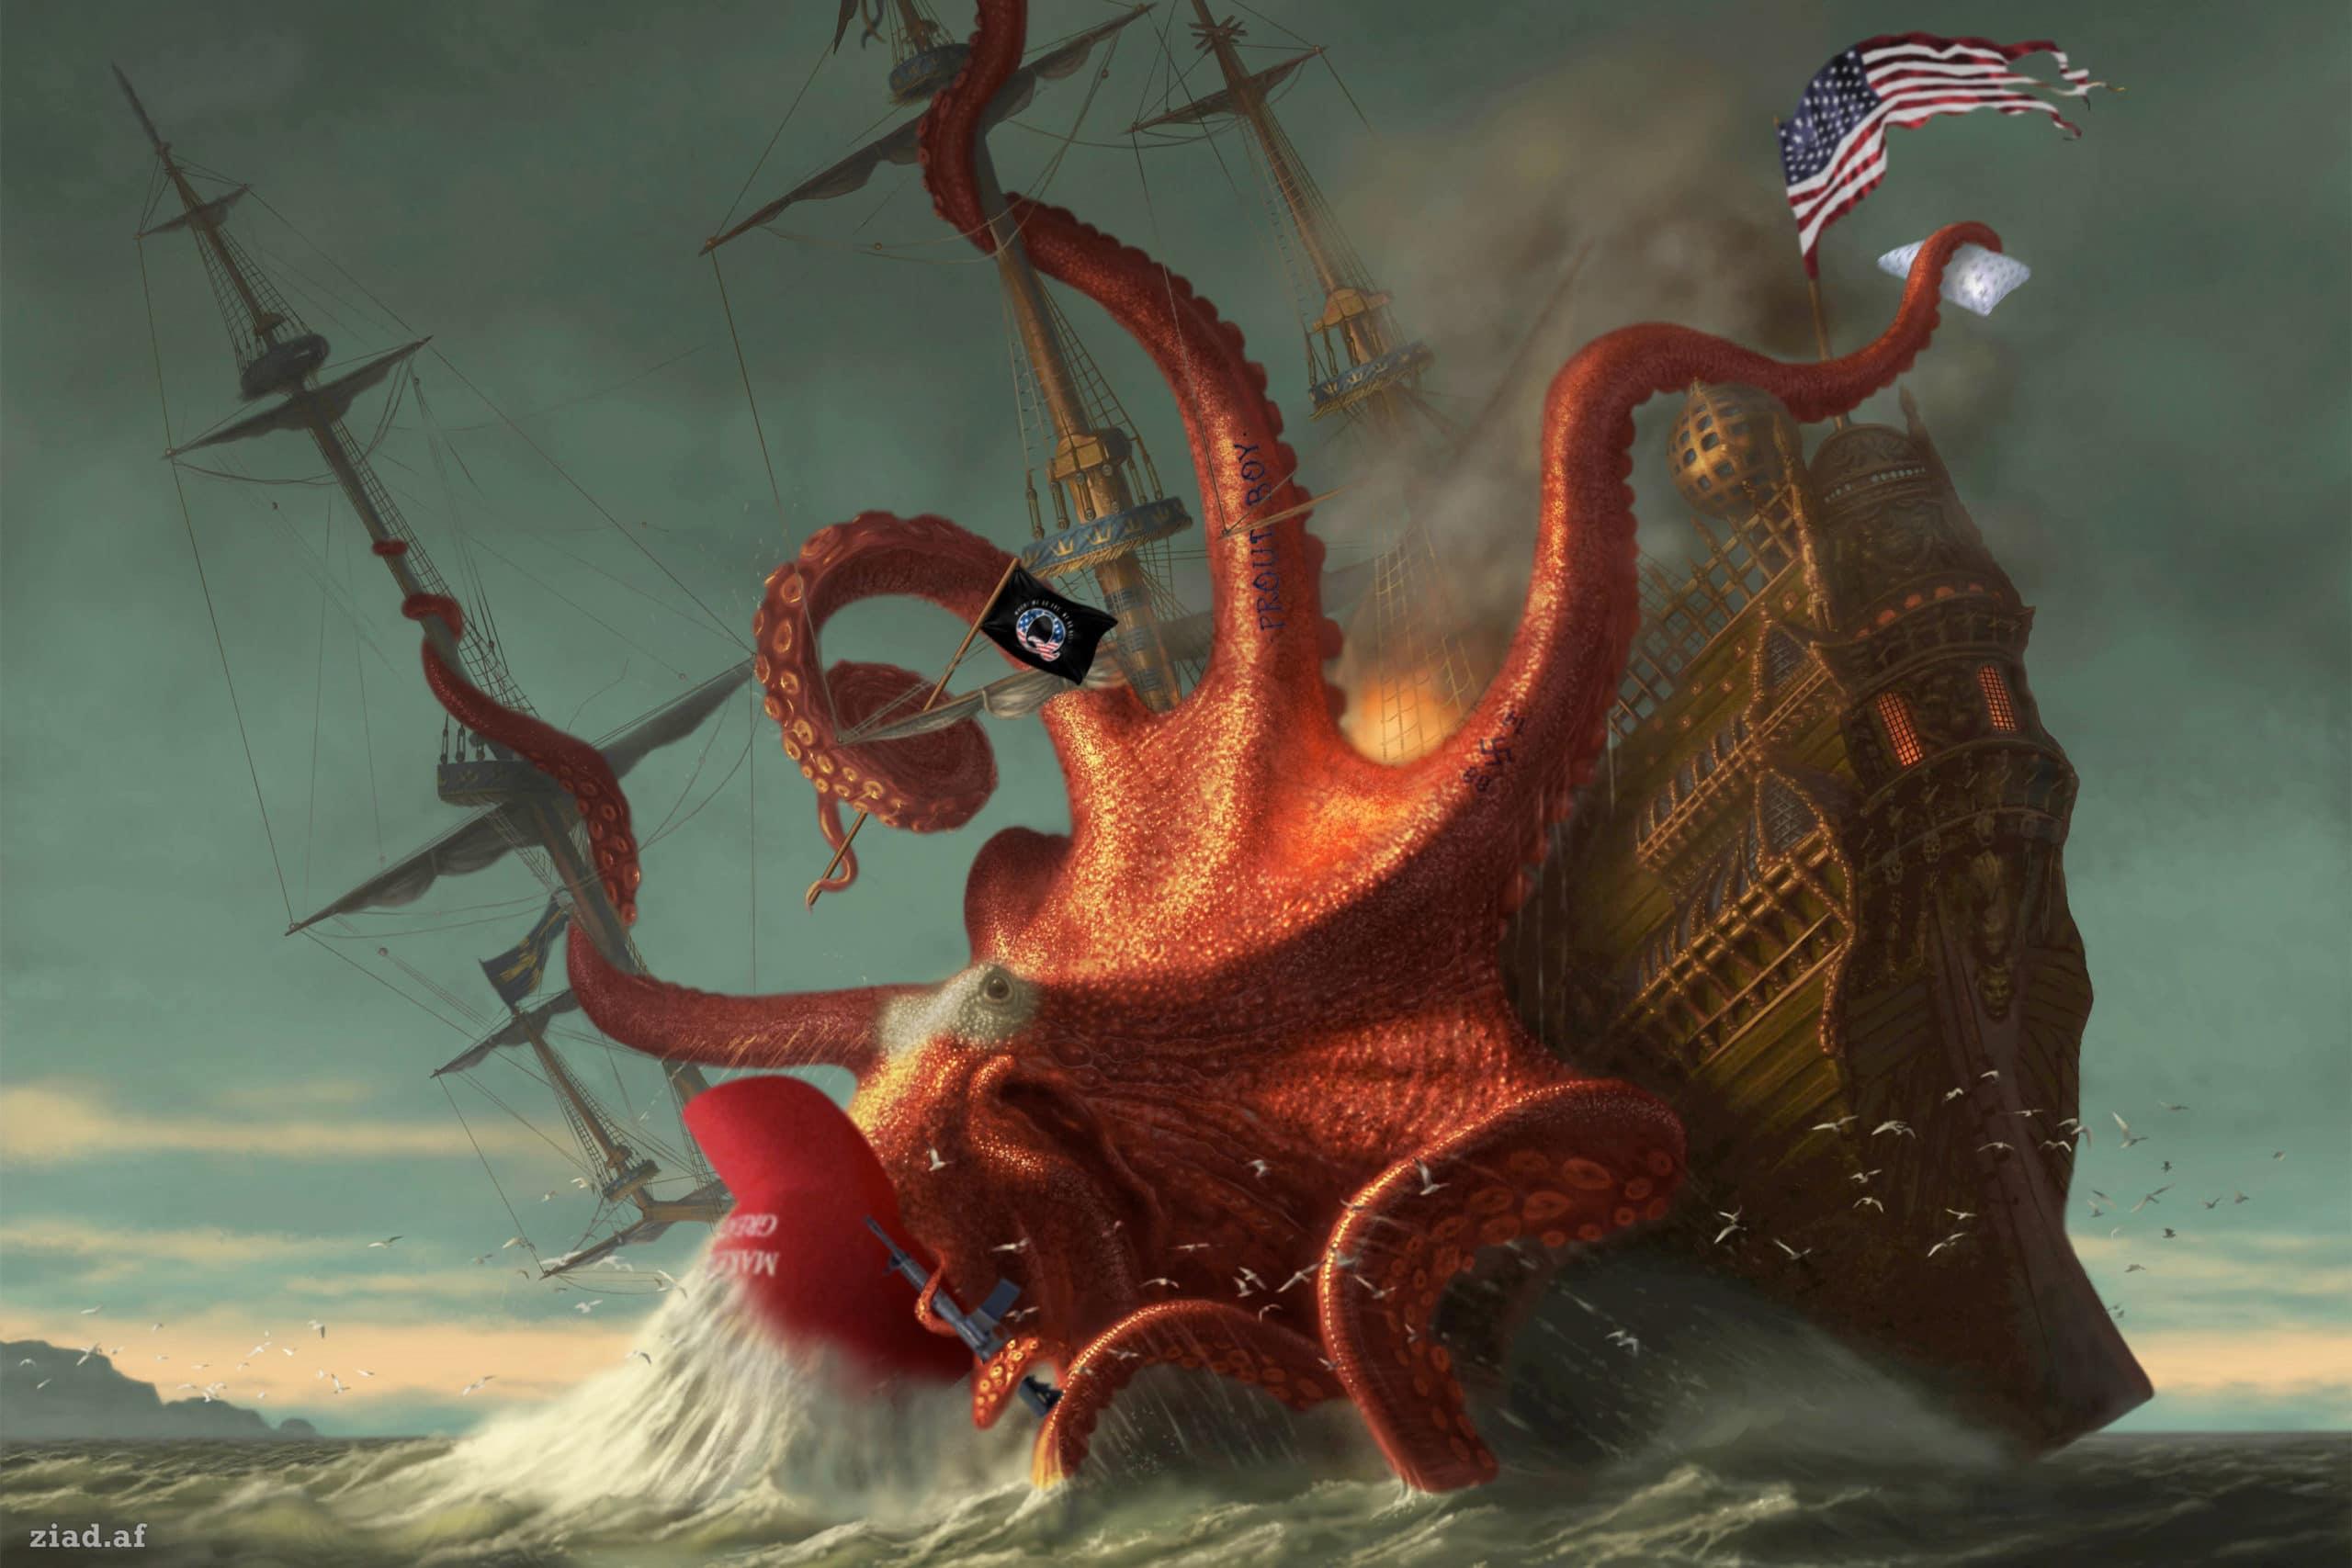 Release the Bull Kraken